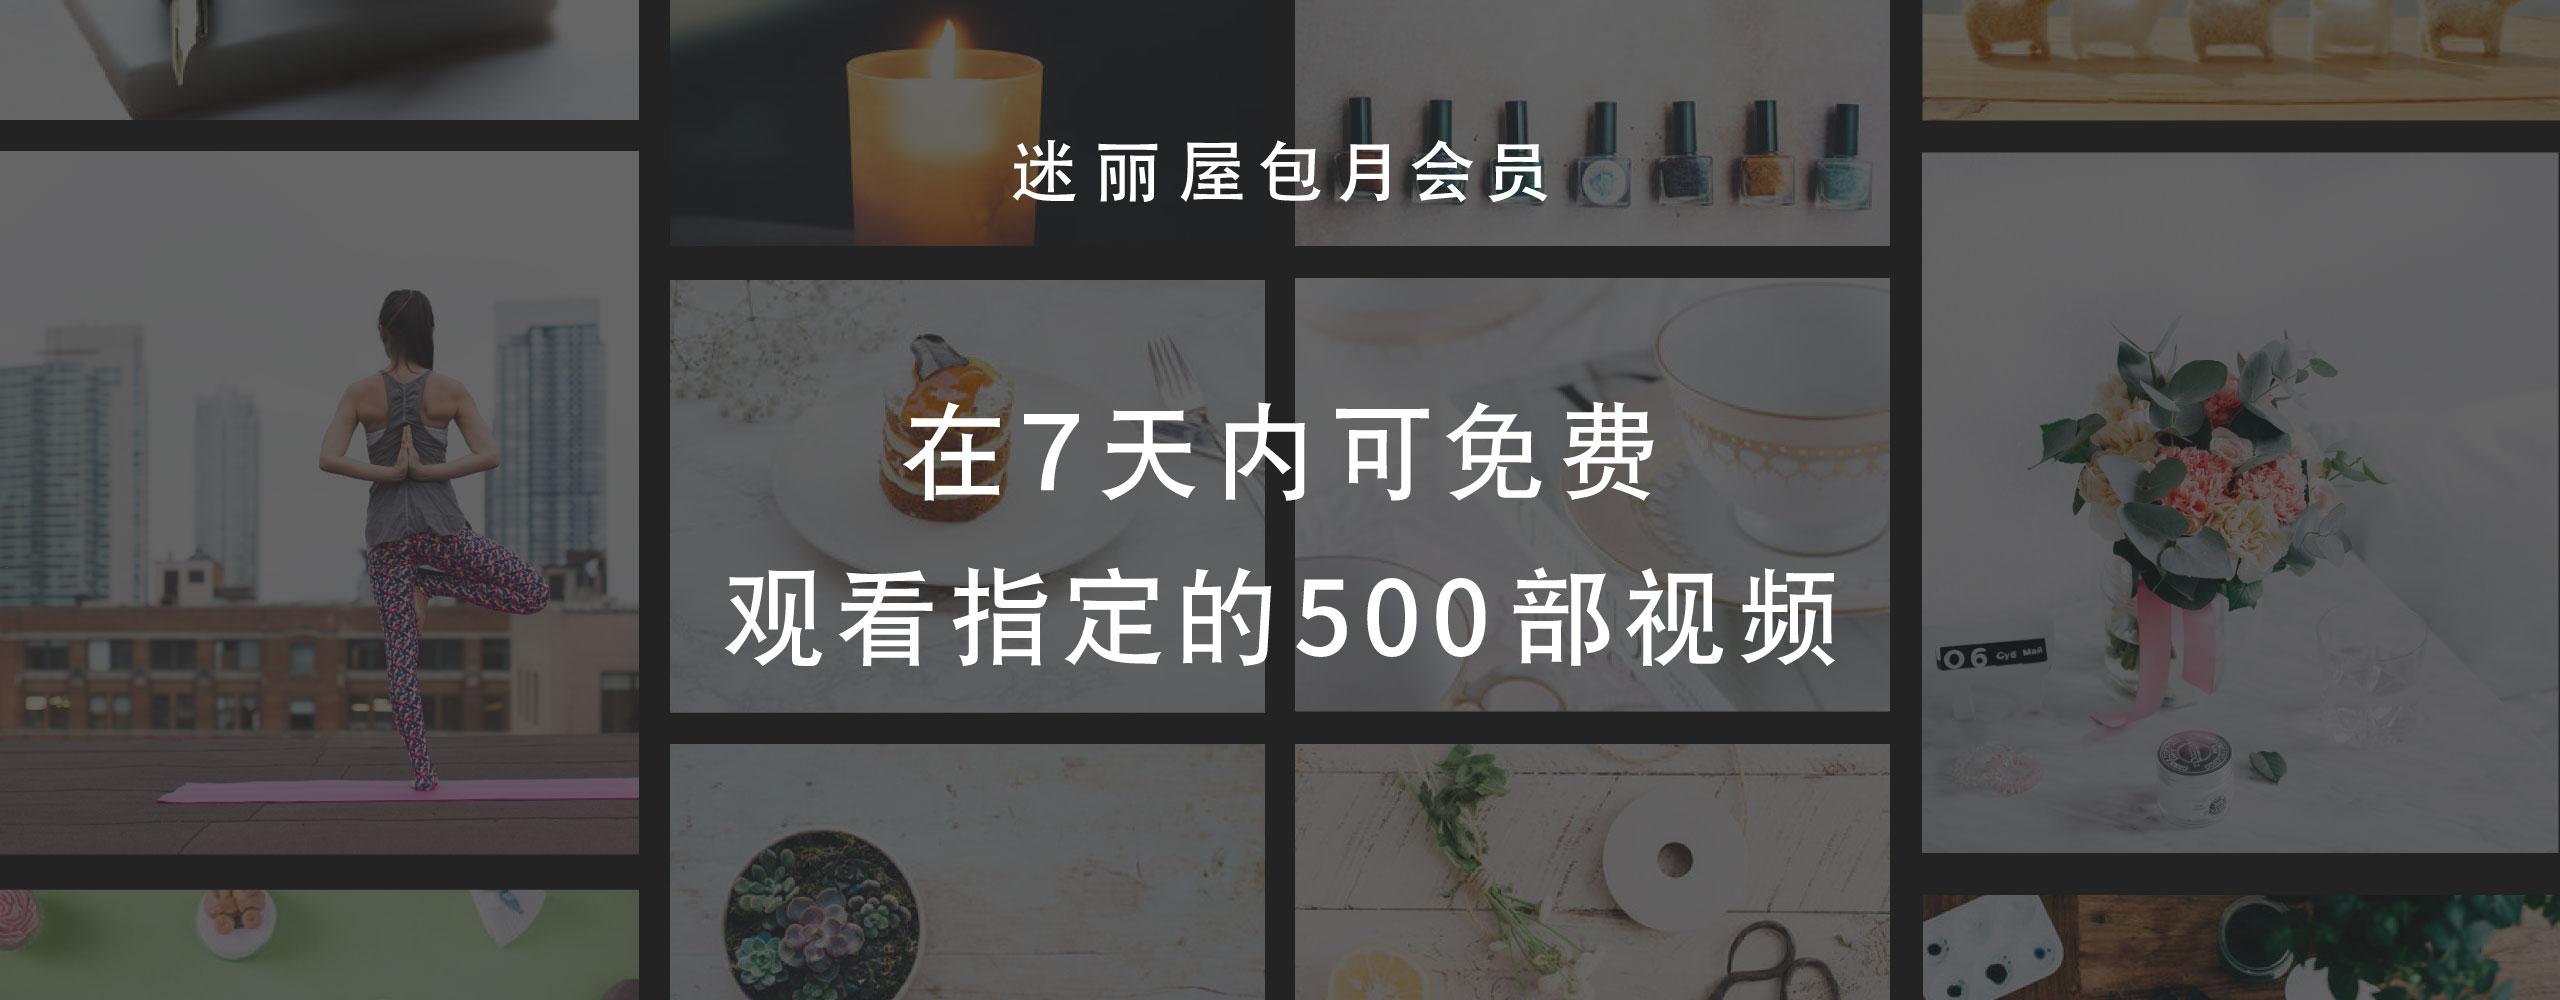 Premium top 2 free 7days cn